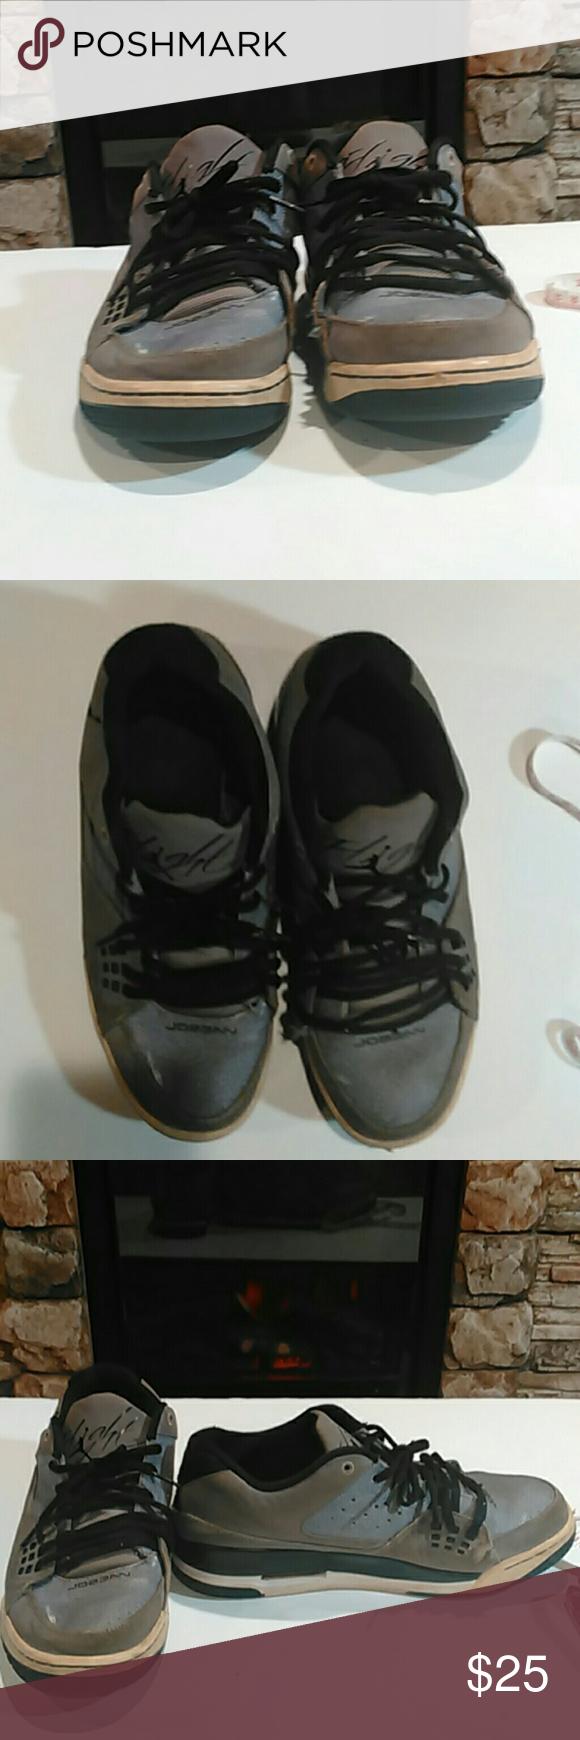 97cd2d3efdef27 Jordan sc-1 sneakers Jordan flight sc-1 low top gray charcoal grey in